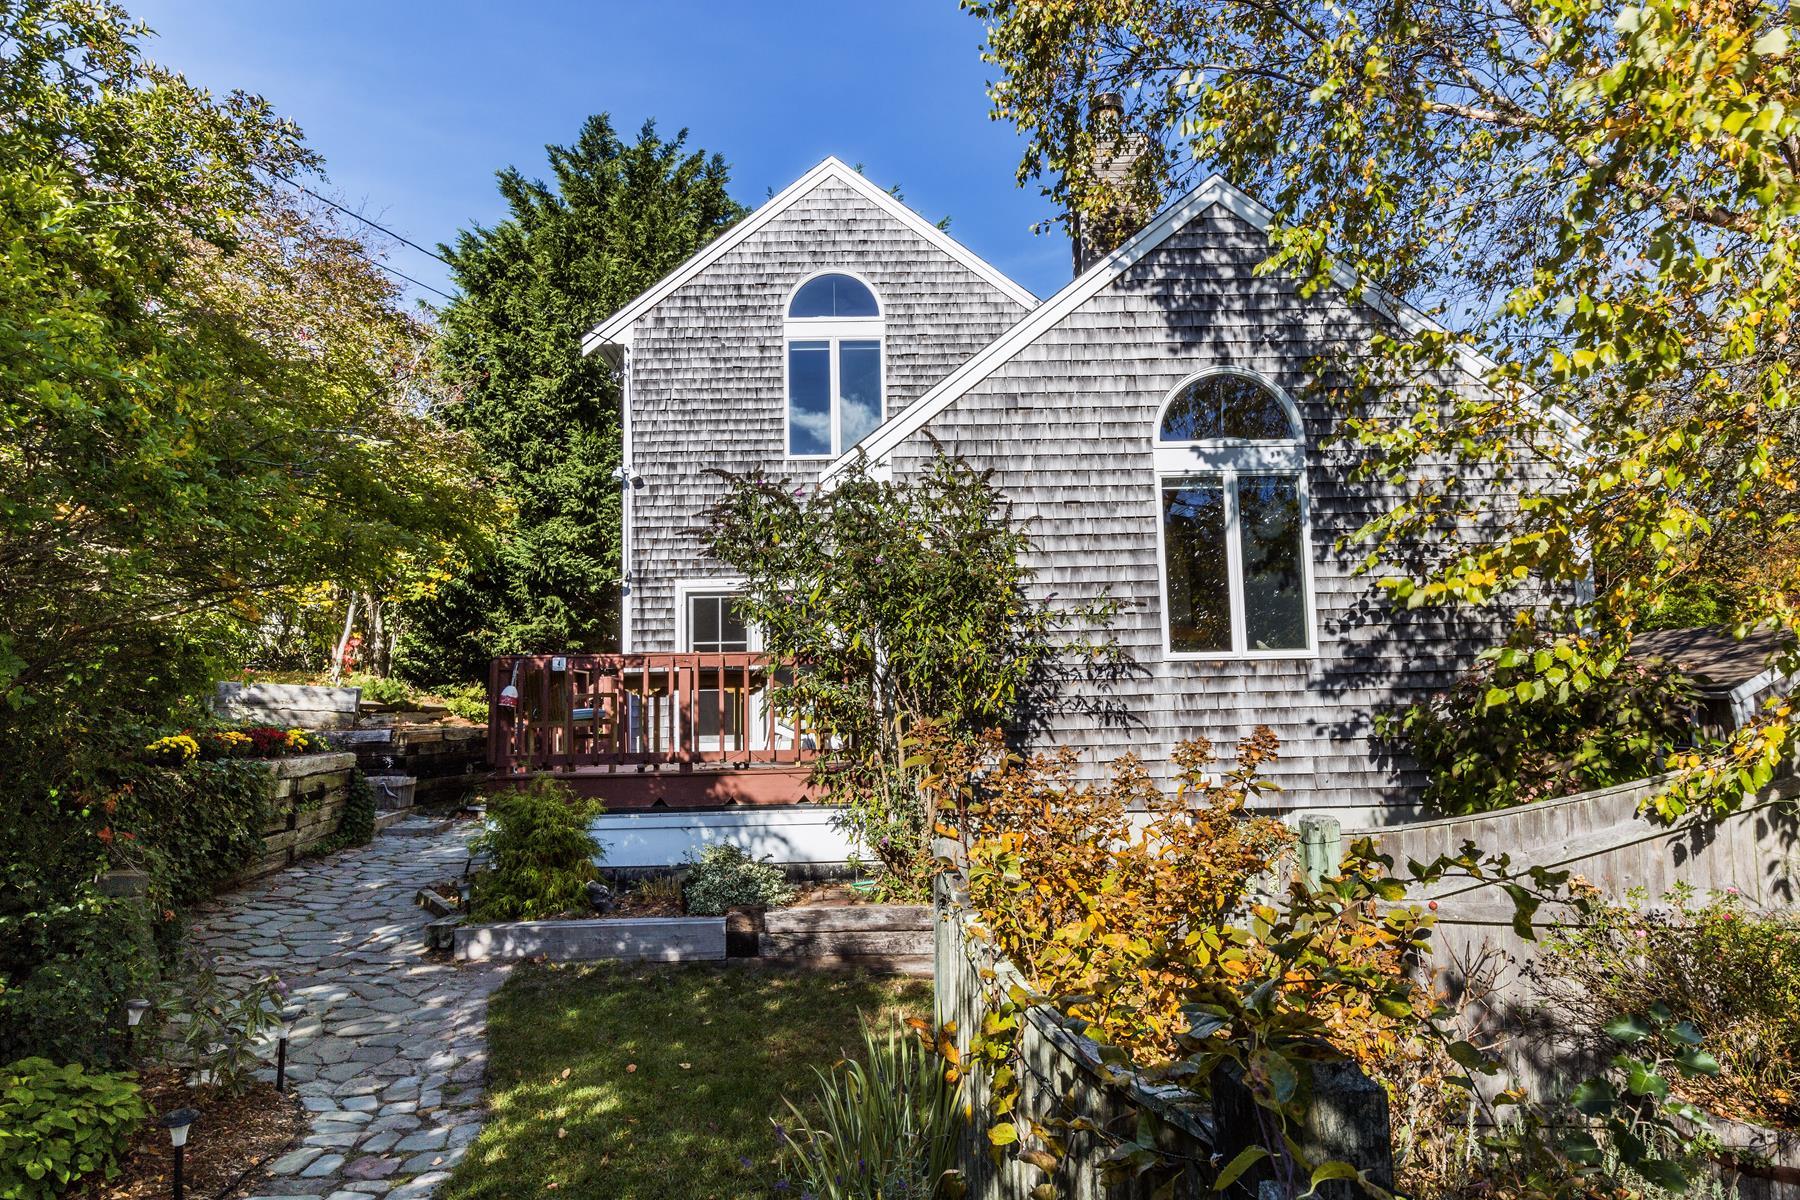 Кооперативная квартира для того Продажа на Freestanding condominium 46 Creek Road, Unit 4 Provincetown, Массачусетс 02657 Соединенные Штаты